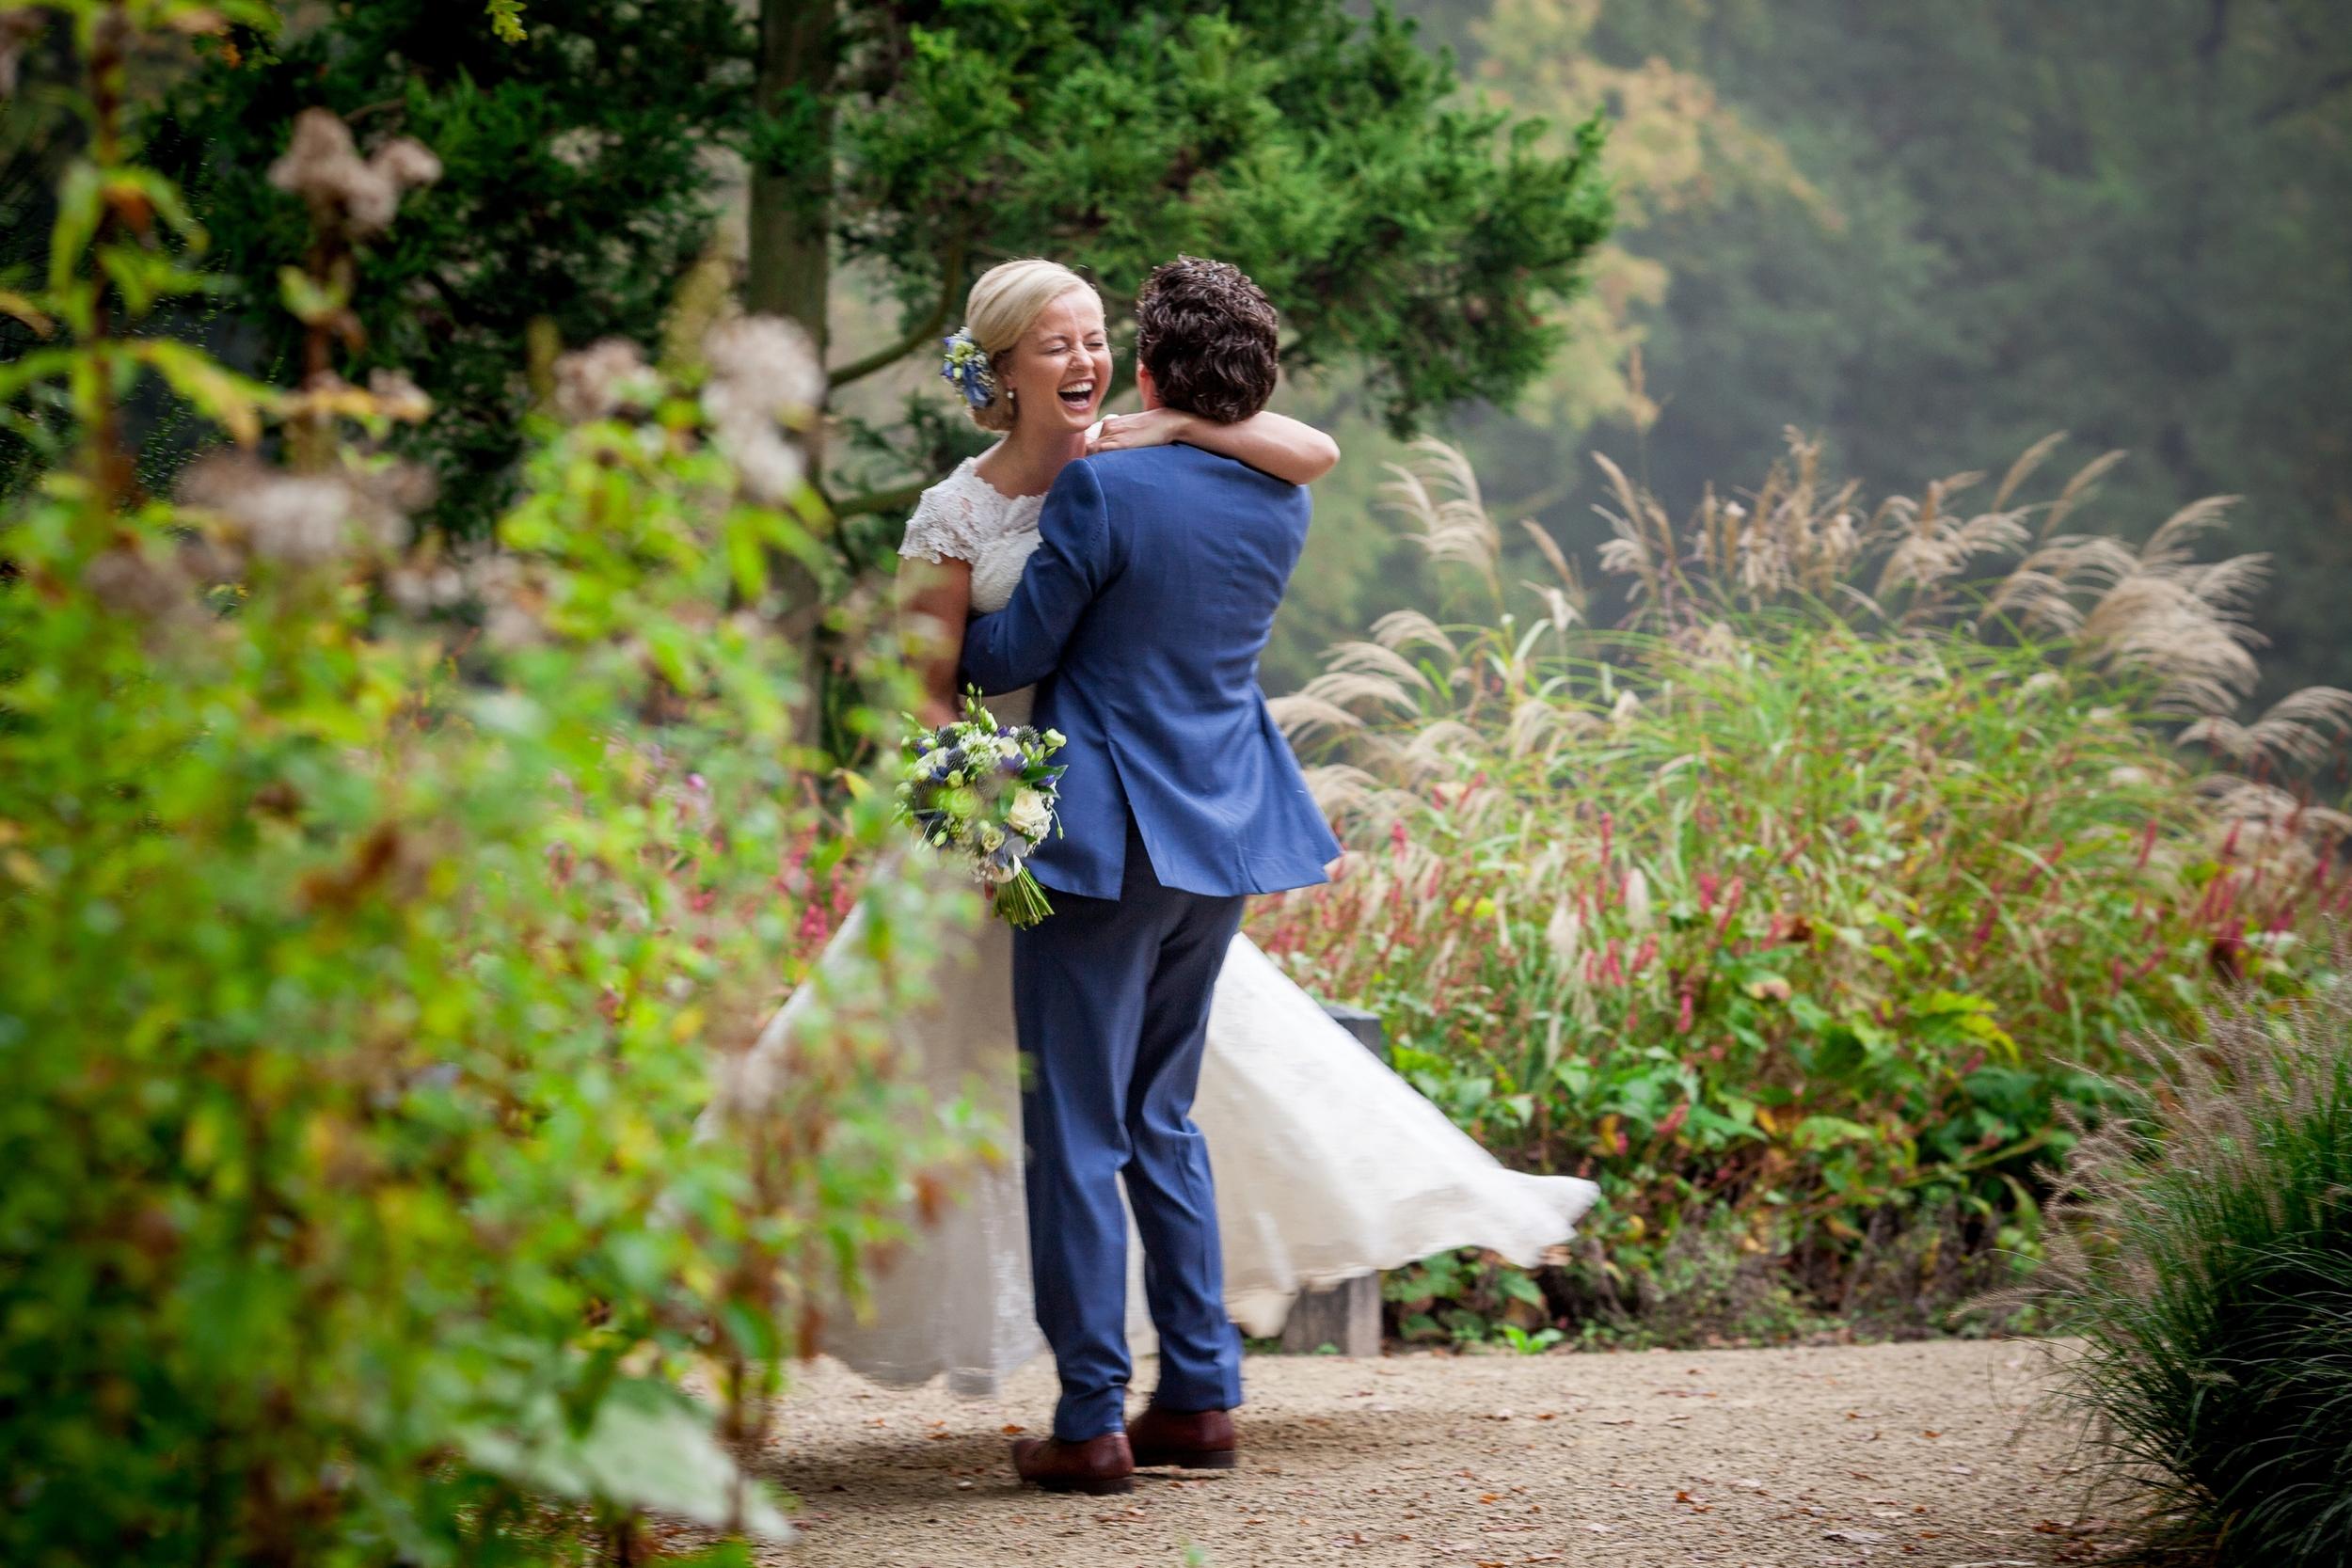 bruidsfotograaf-rijssen-utrecht-fotograaf-trouwen-bruiloft_0220.jpg